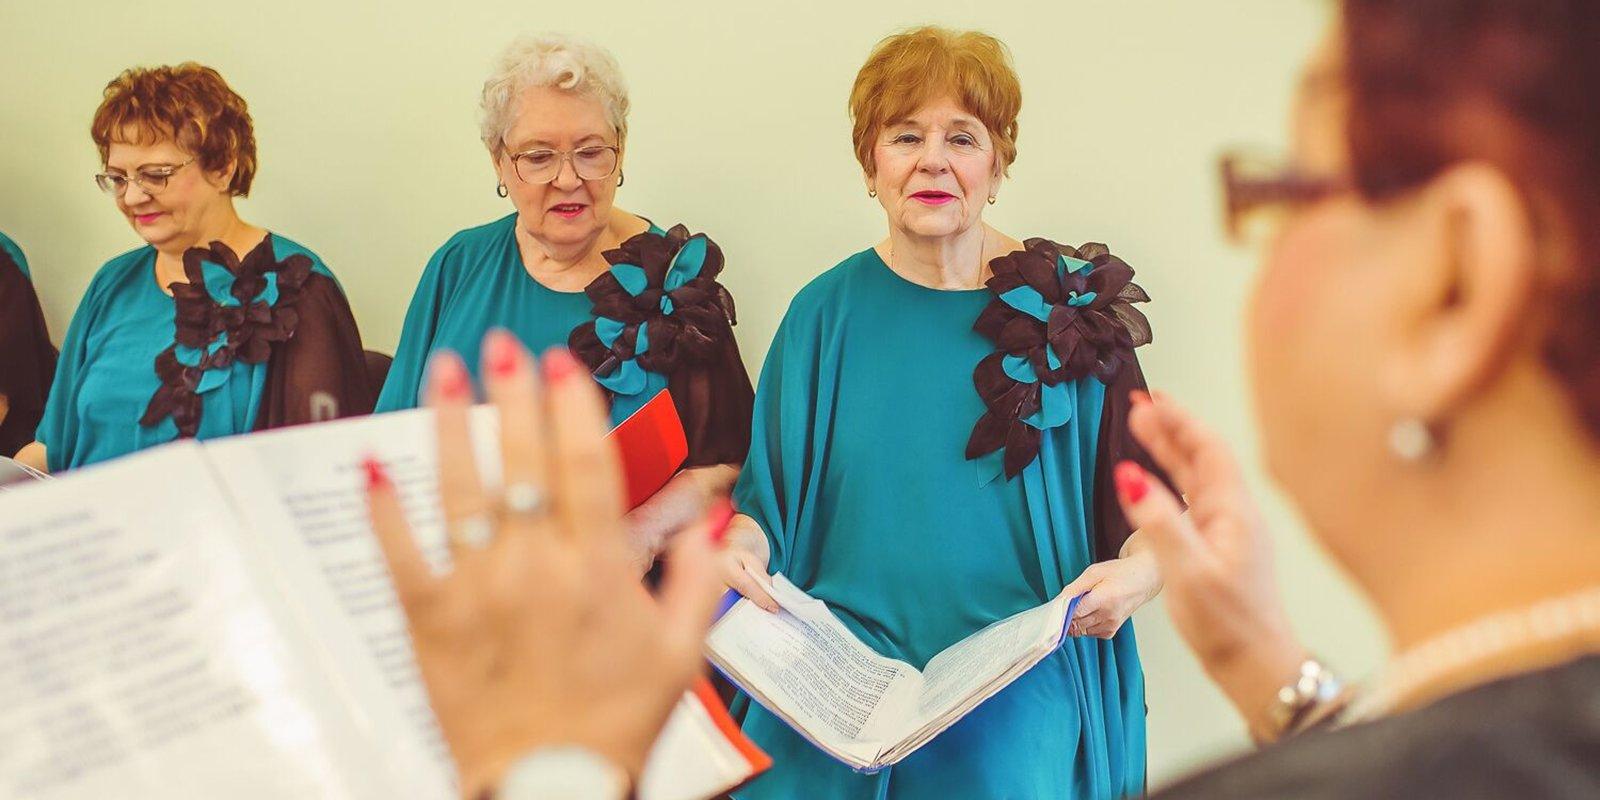 Развлекательная программа для прекрасных дам состоится в Воскресенском